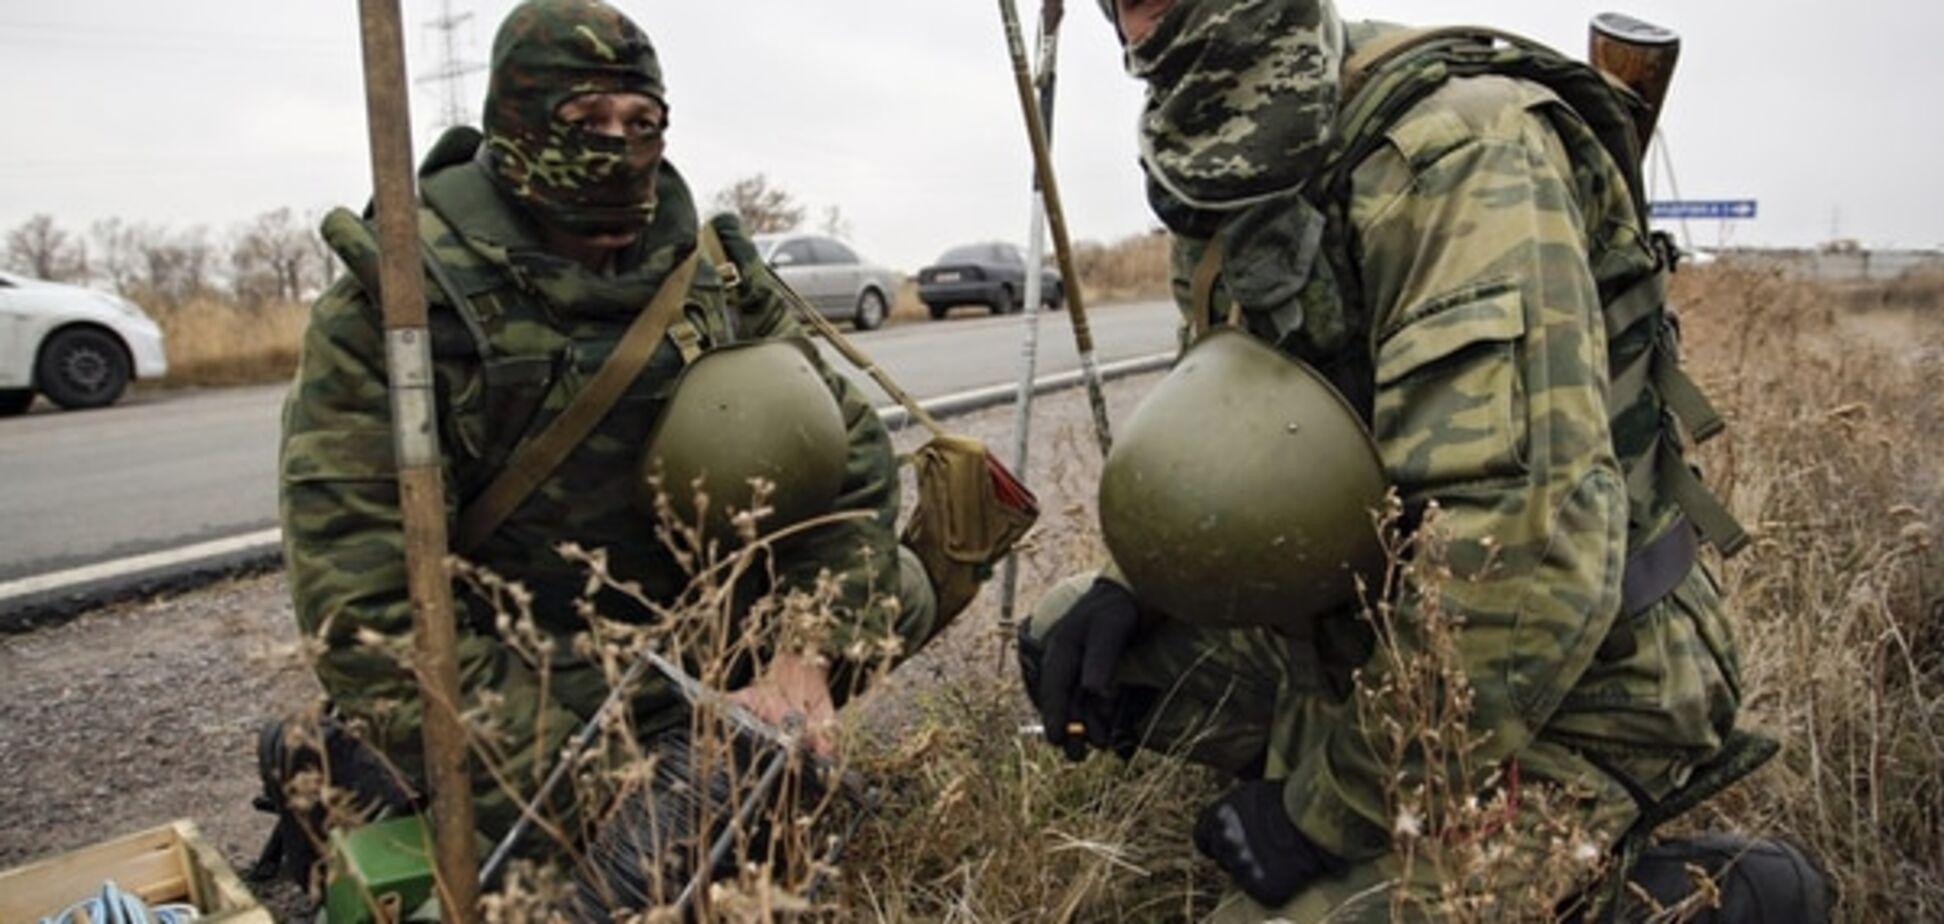 Действующие на Донбассе ФСБ и ГРУ готовят теракты в других областях Украины - Тымчук